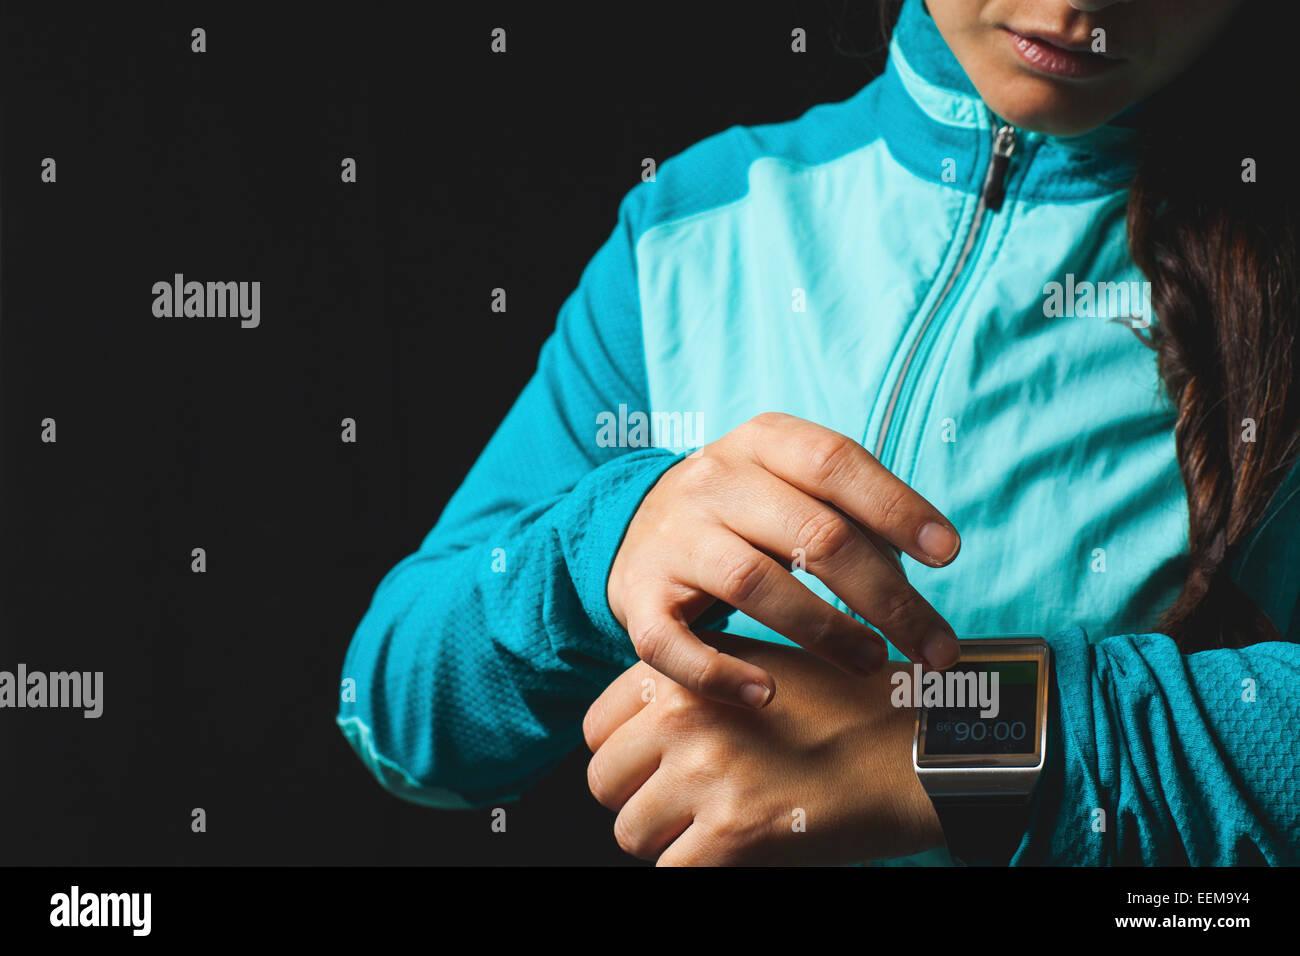 Femme portant smart watch périphérique sur fond noir Photo Stock